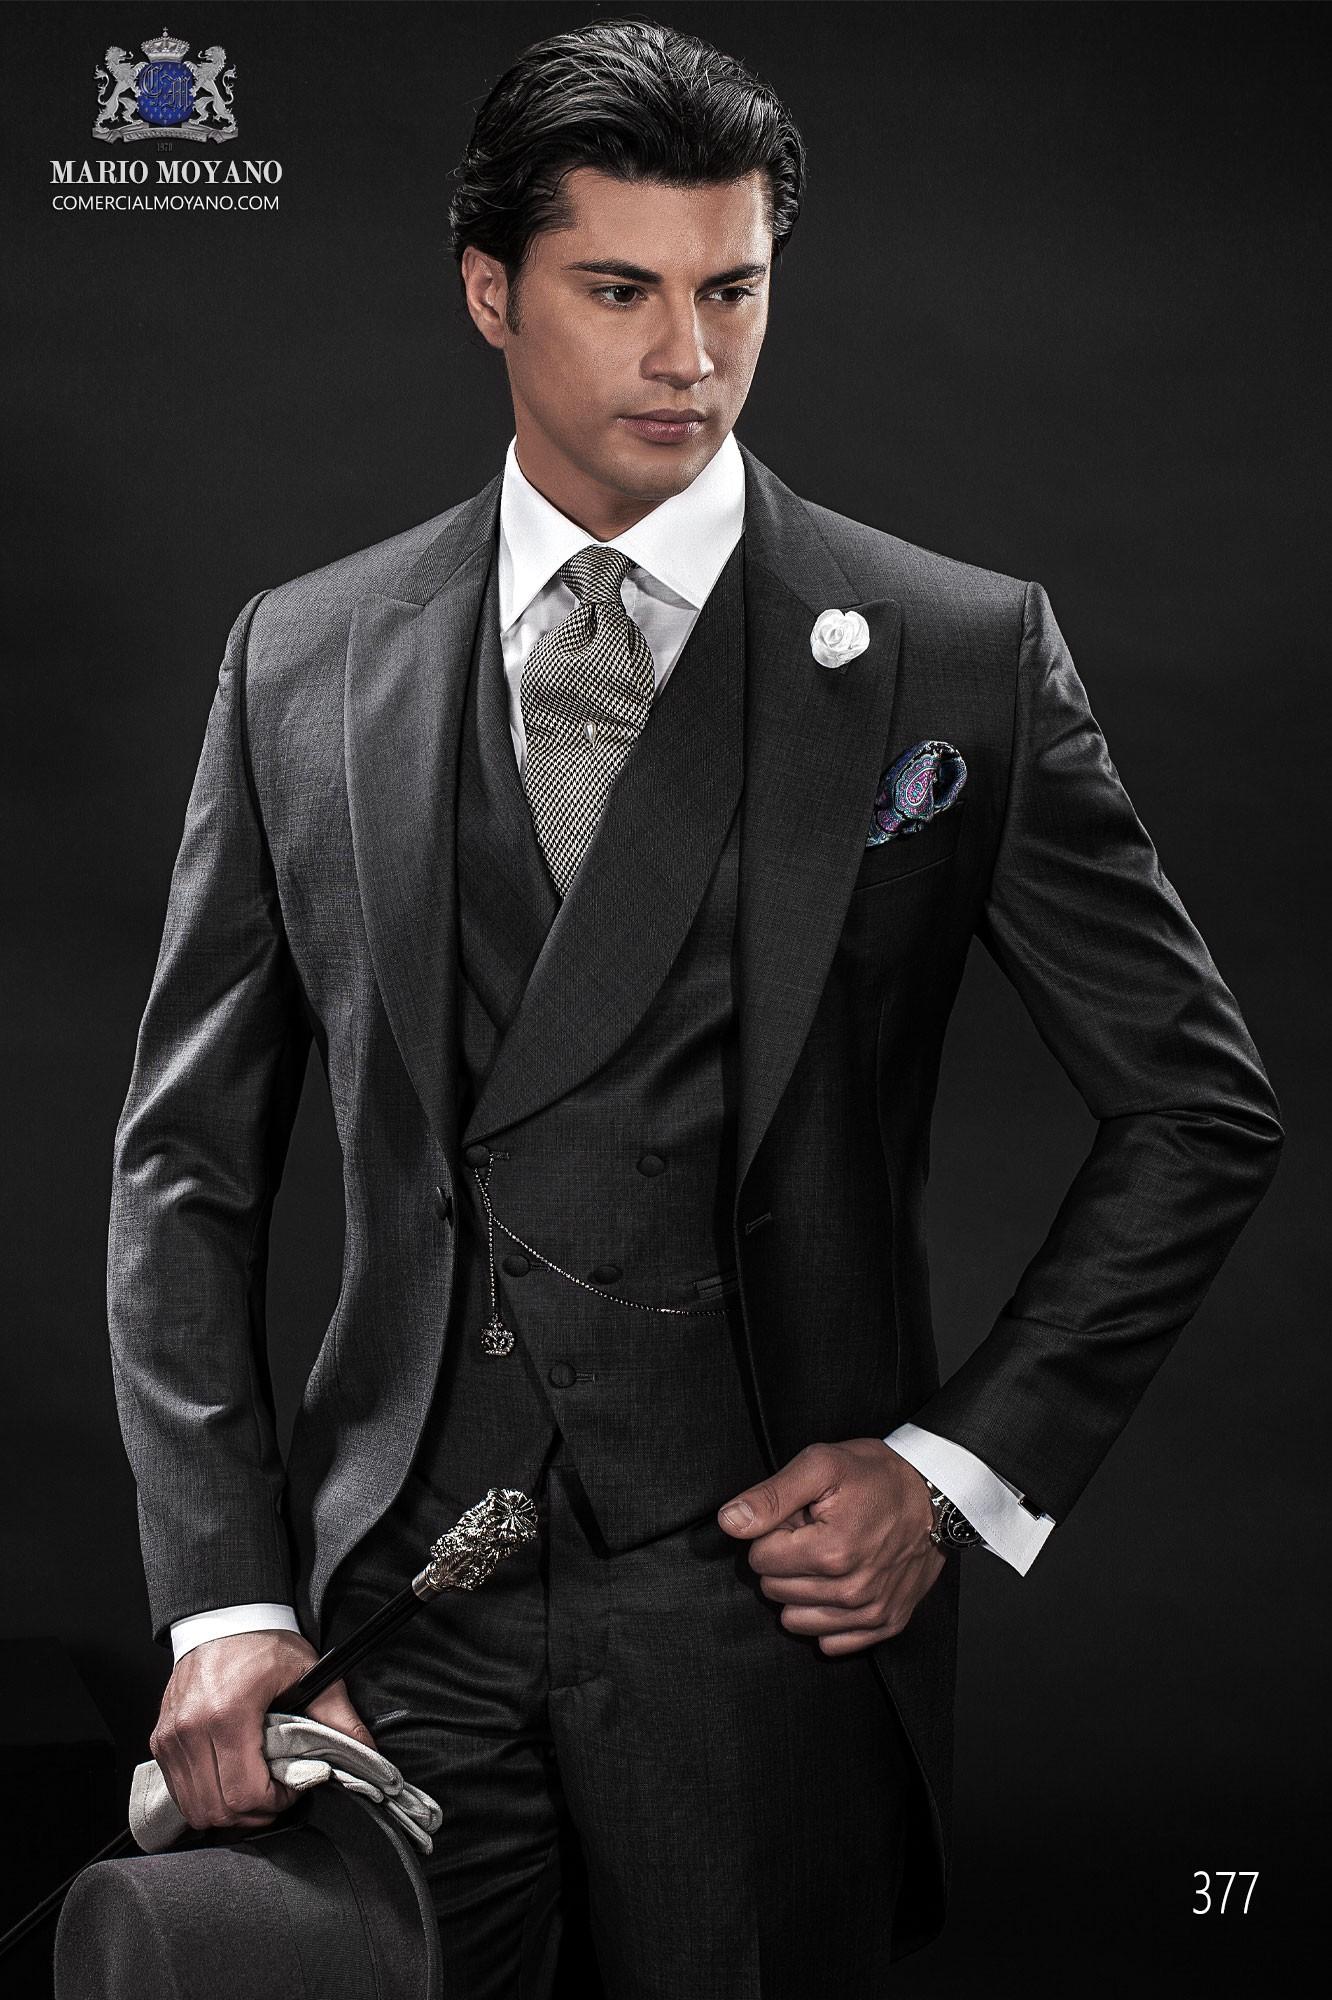 Traje de novio chaqué italiano gris antracita modelo 377 Ottavio Nuccio Gala colección Gentleman 2015.